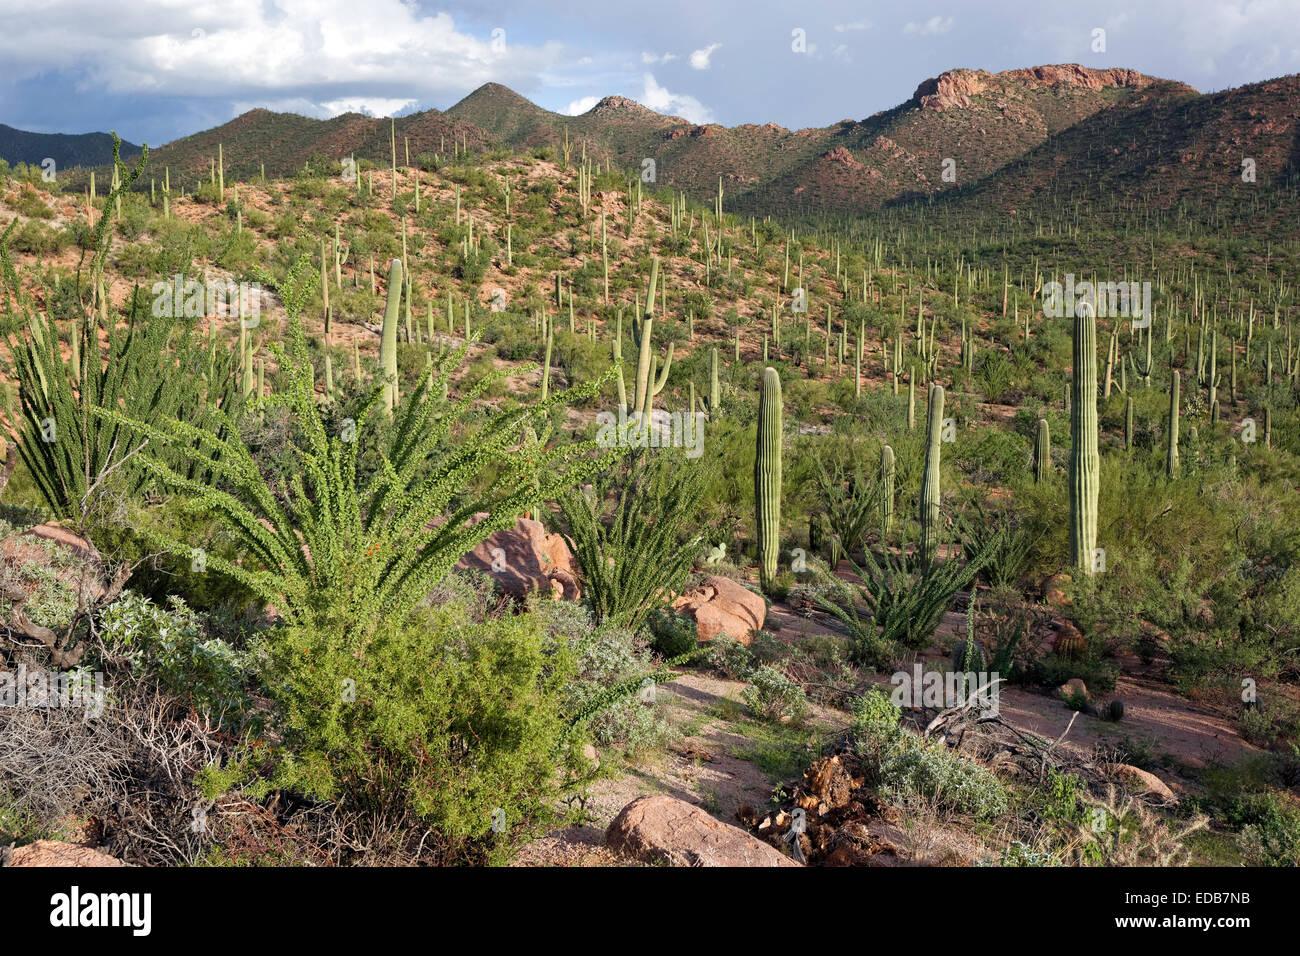 Saguaro National Park West, Tucson, Arizona - Stock Image